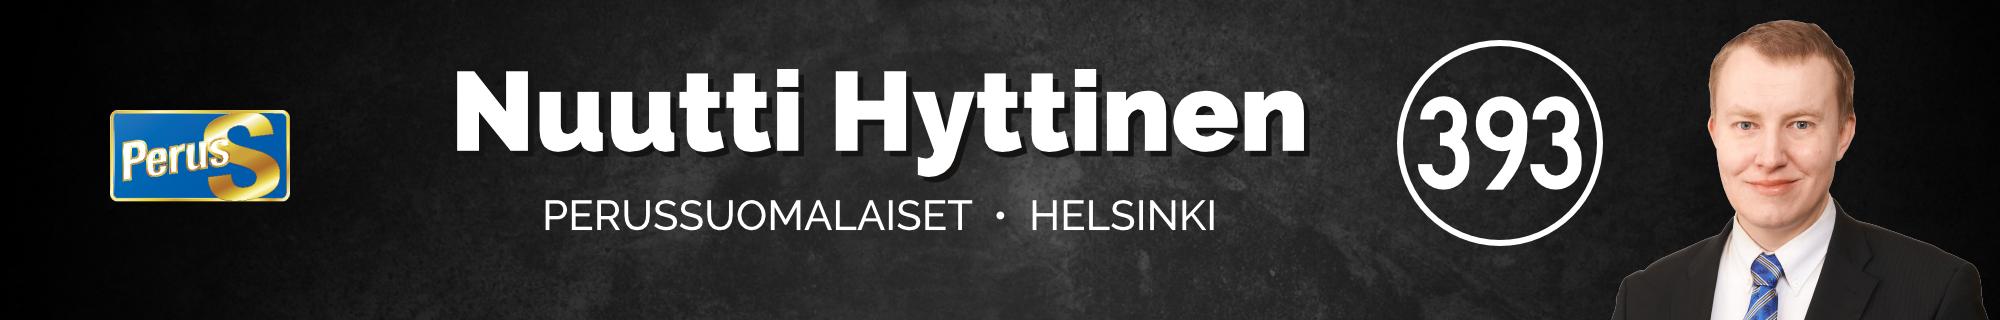 393 | Nuutti Hyttinen | Perussuomalaiset | Helsinki